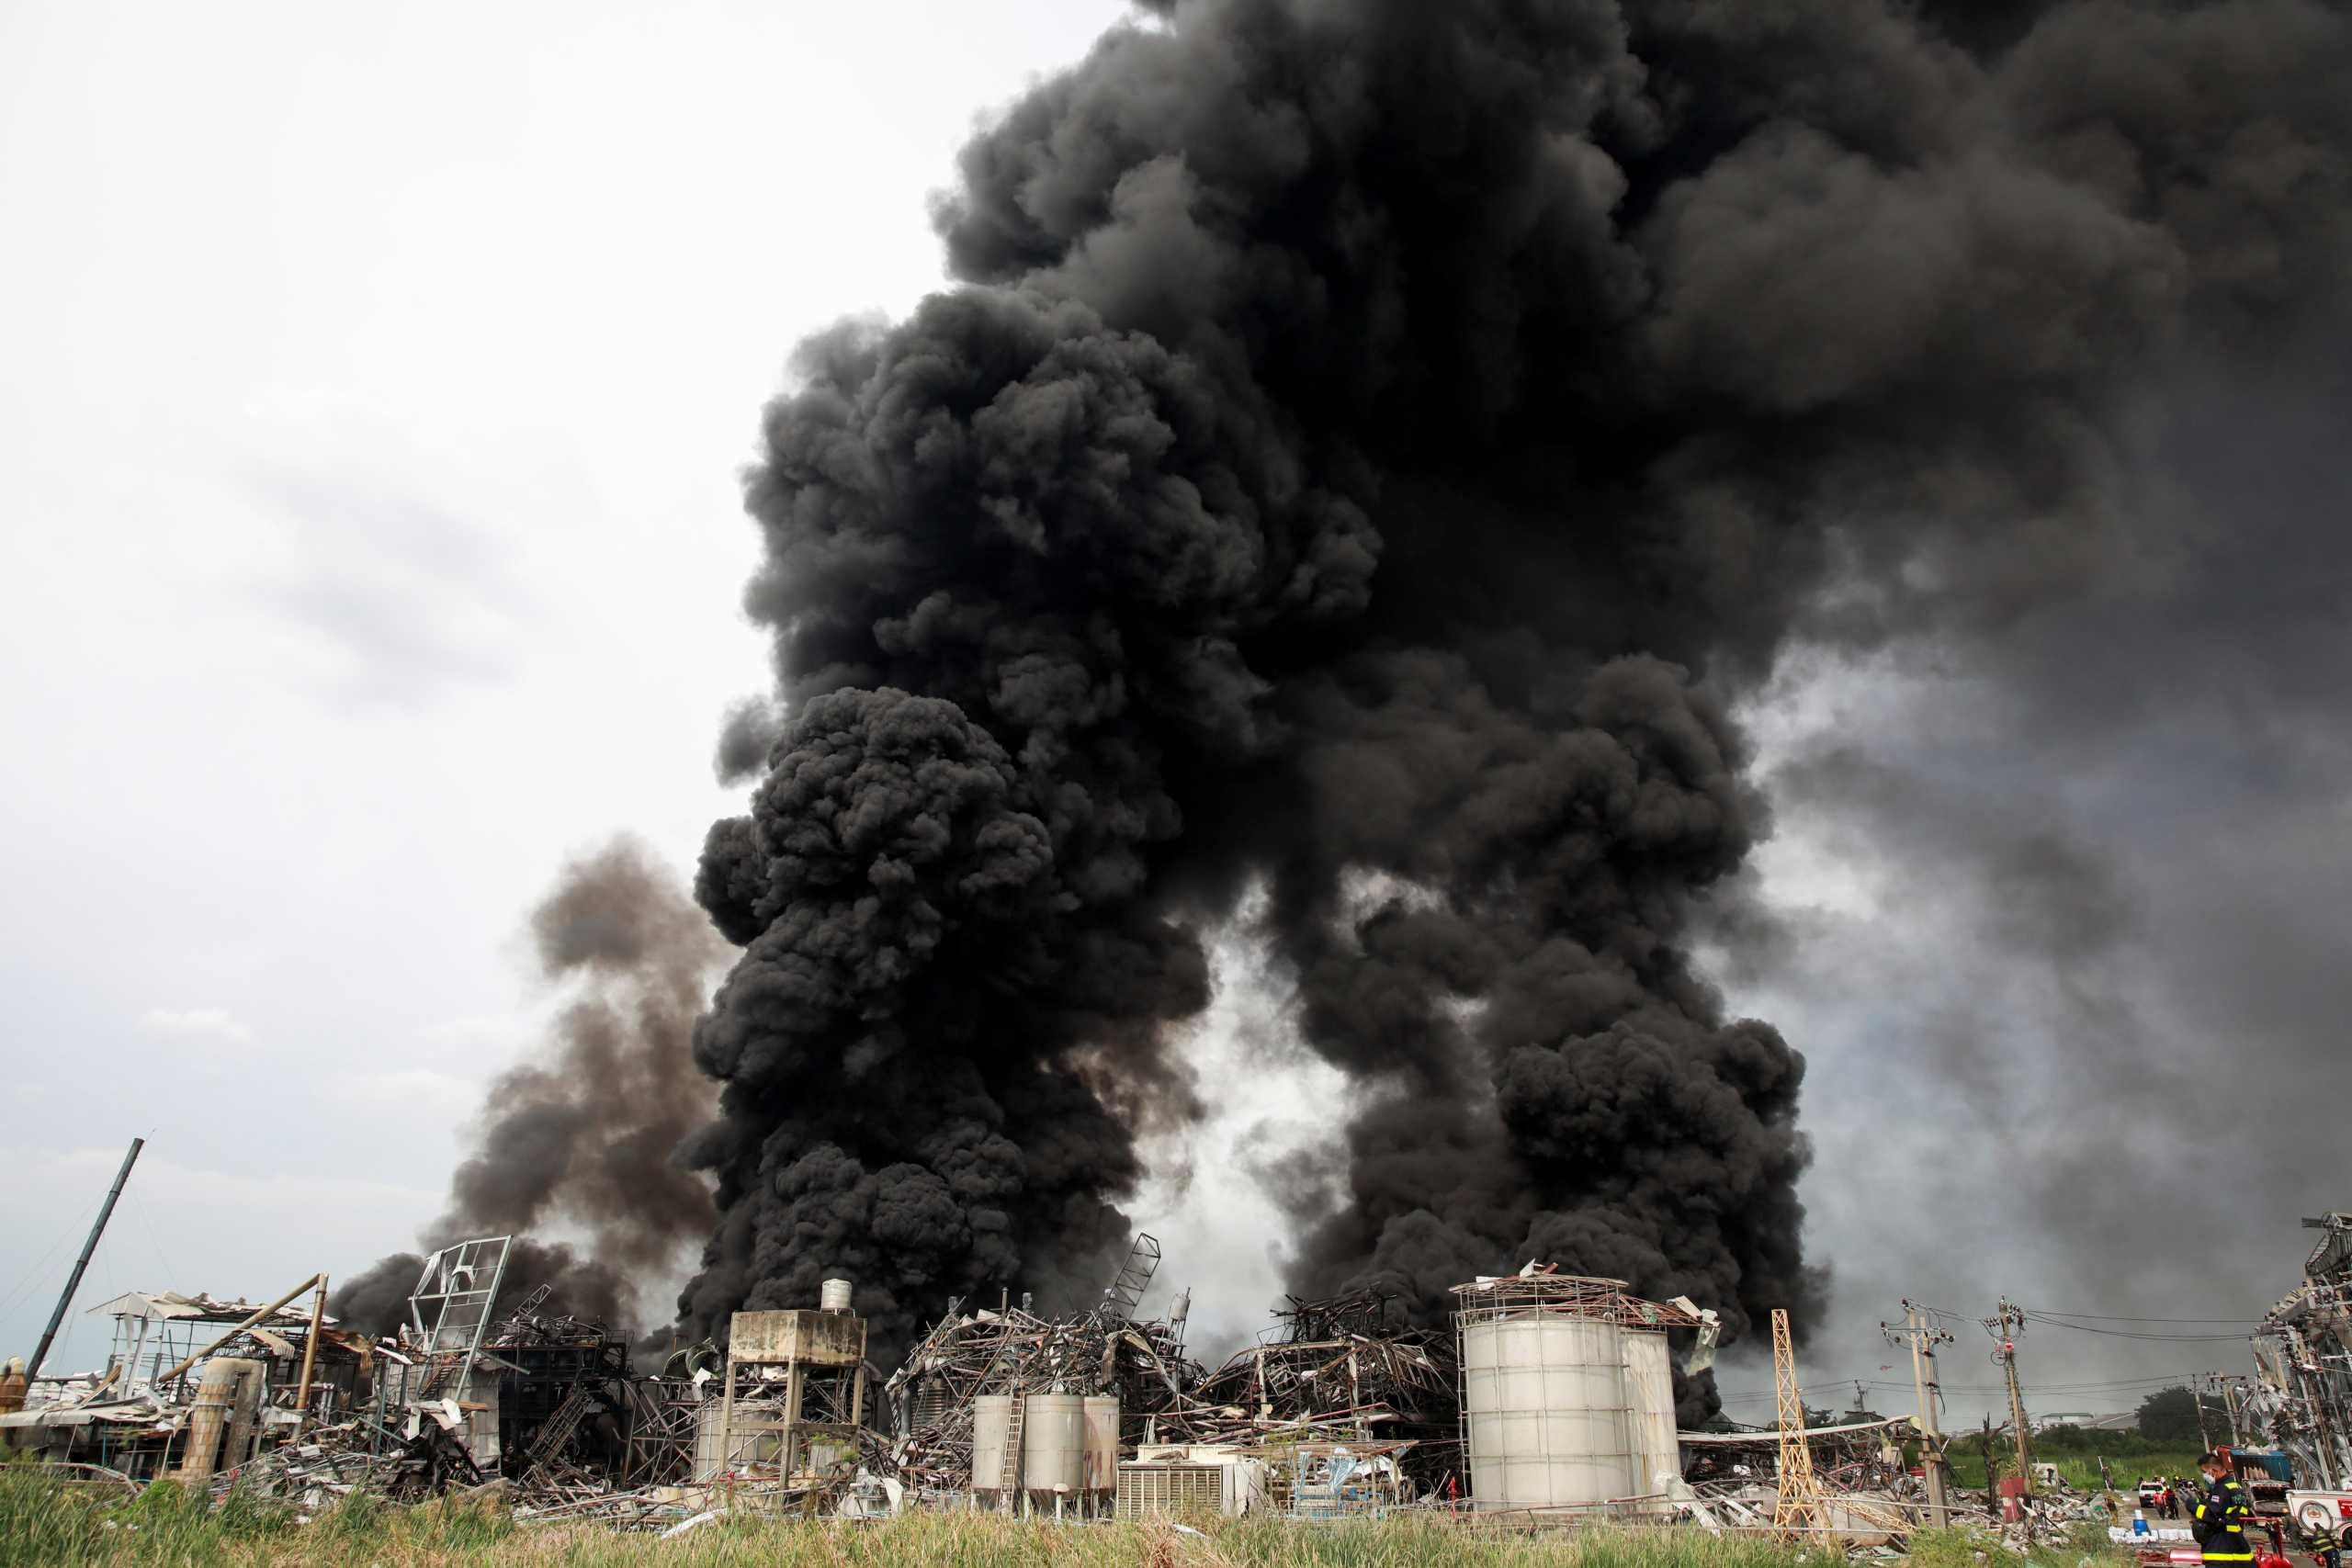 Ταϊλάνδη: Ένας νεκρός και 29 τραυματίες μετά από έκρηξη σε εργοστάσιο